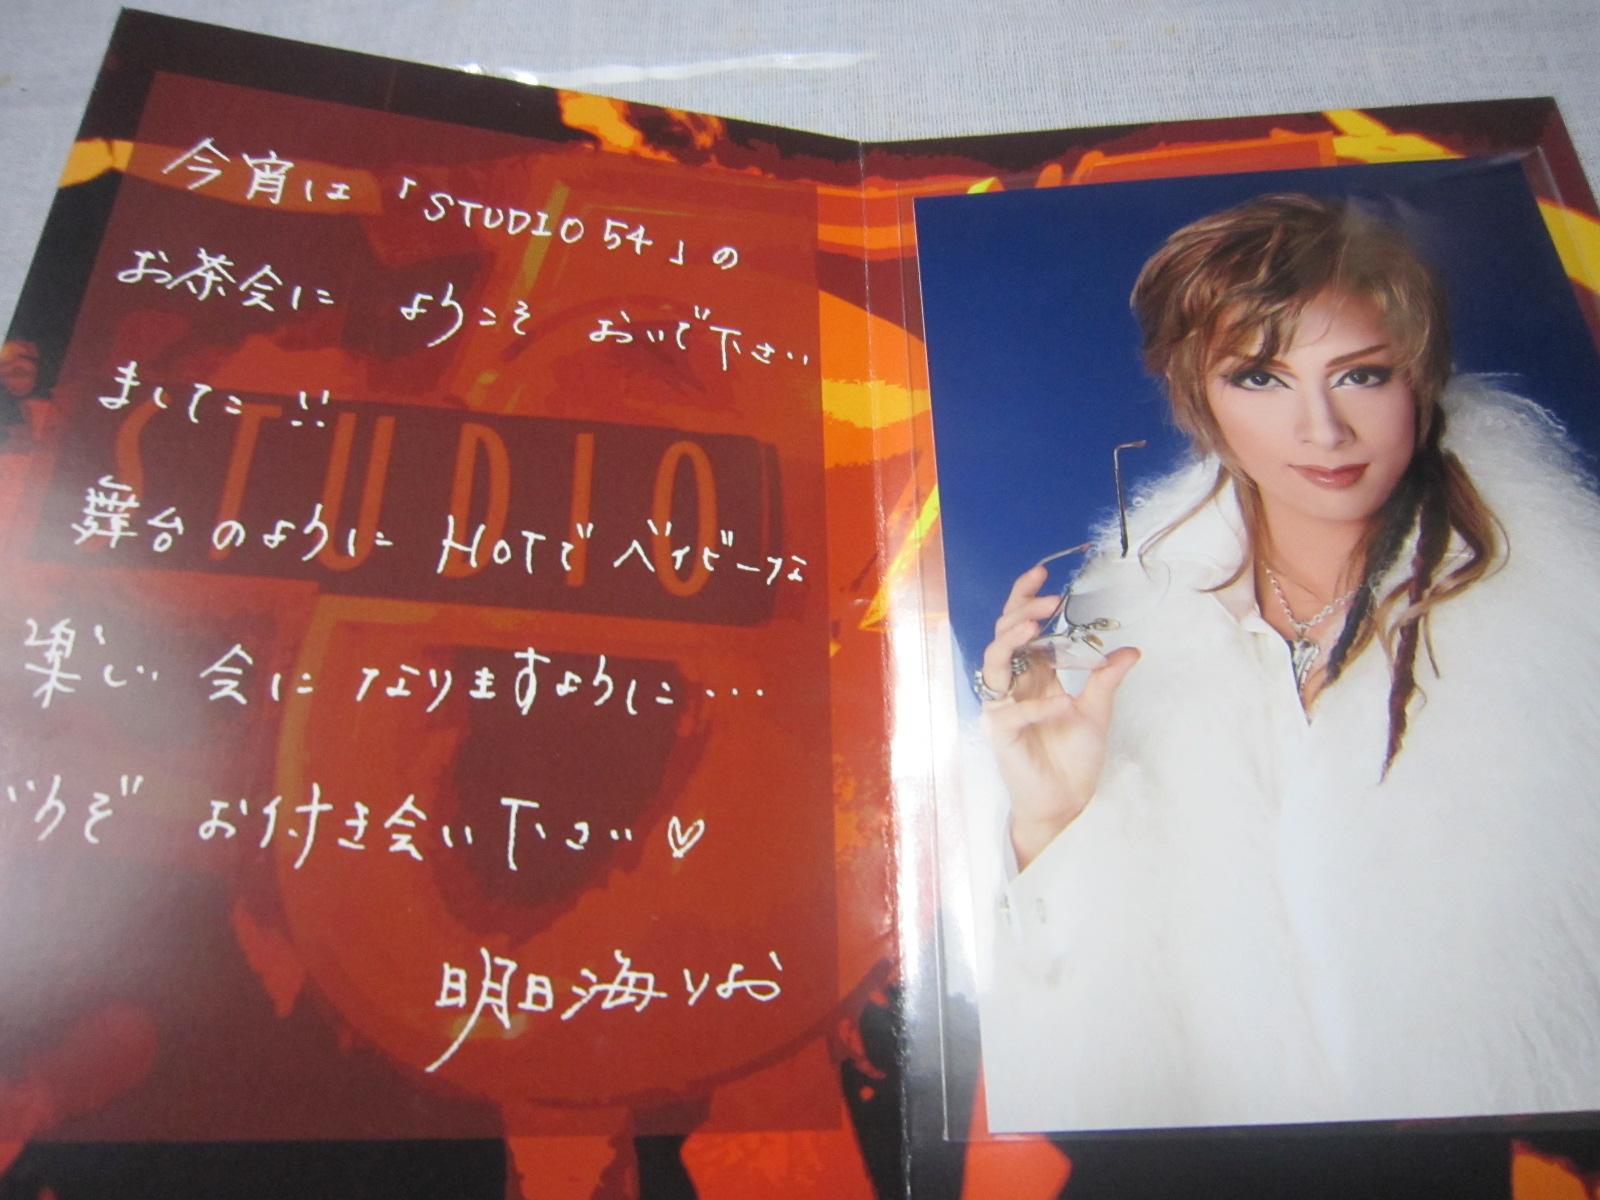 ♪宝塚月組★STUDIO54!_d0162225_22174487.jpg